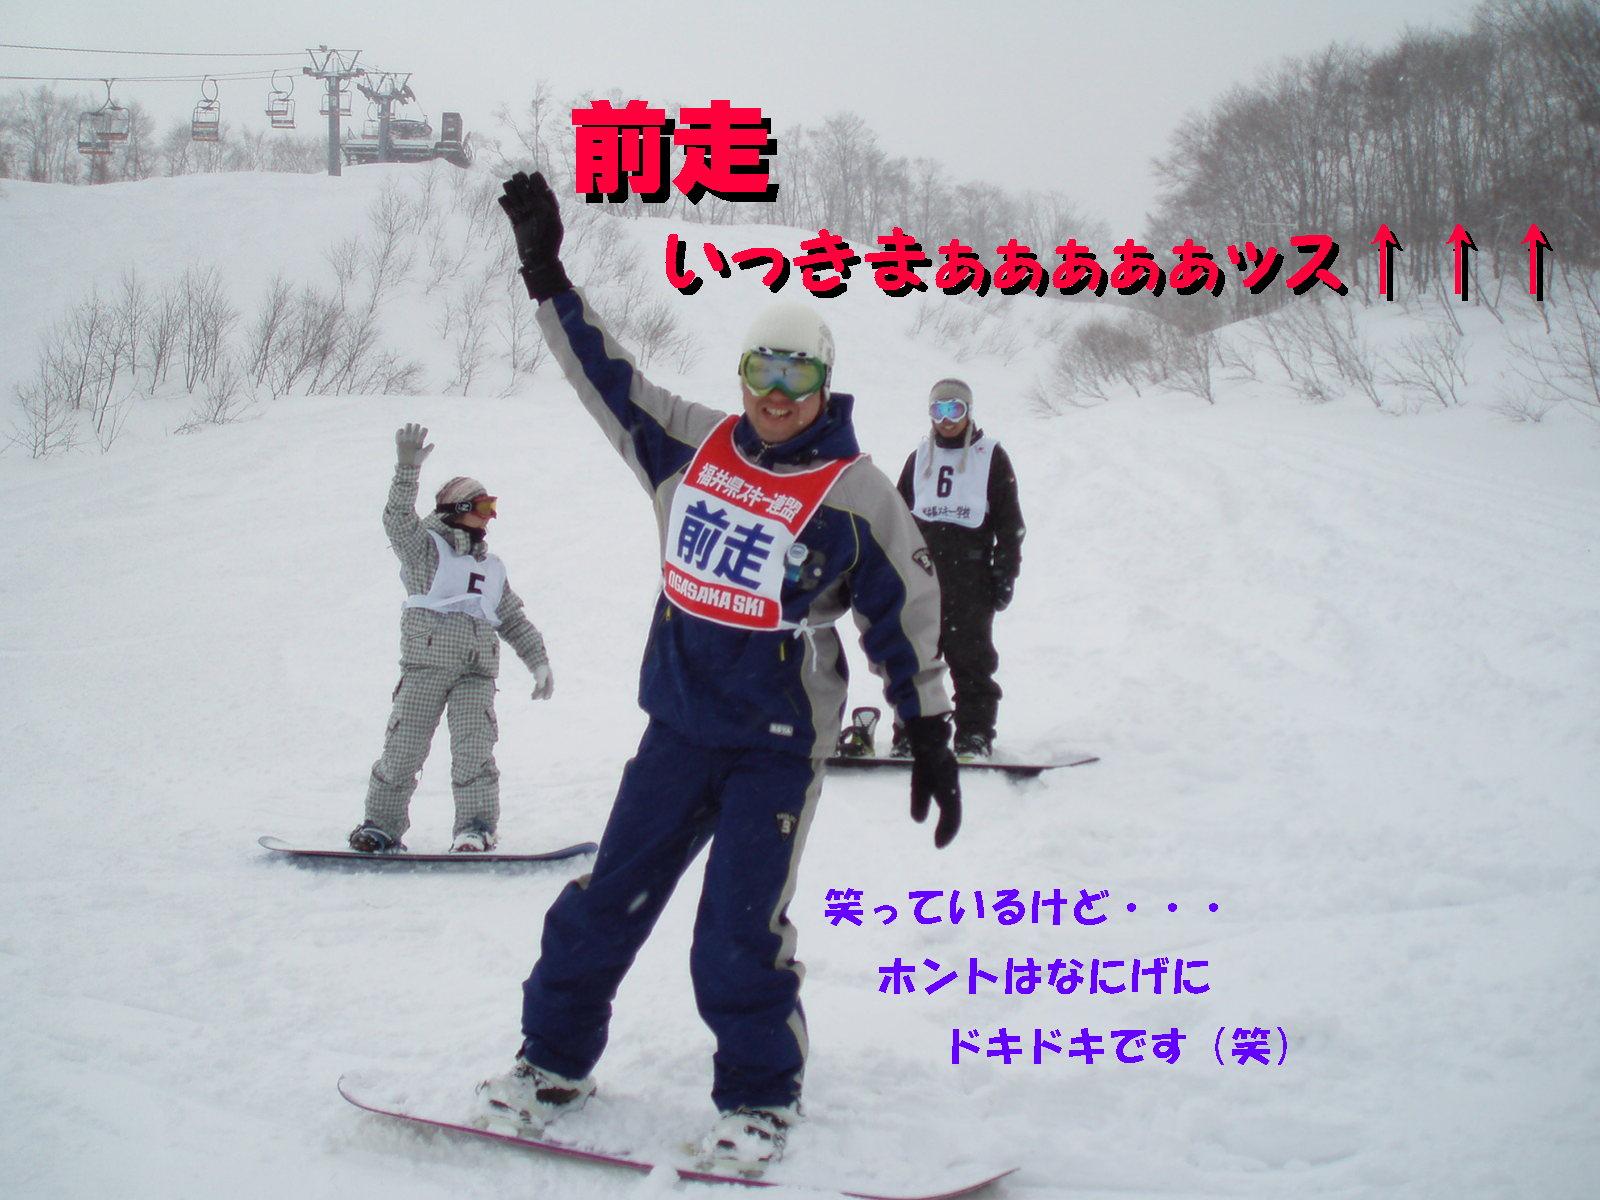 スノーボードバッヂテスト終了☆★_f0118218_19433966.jpg